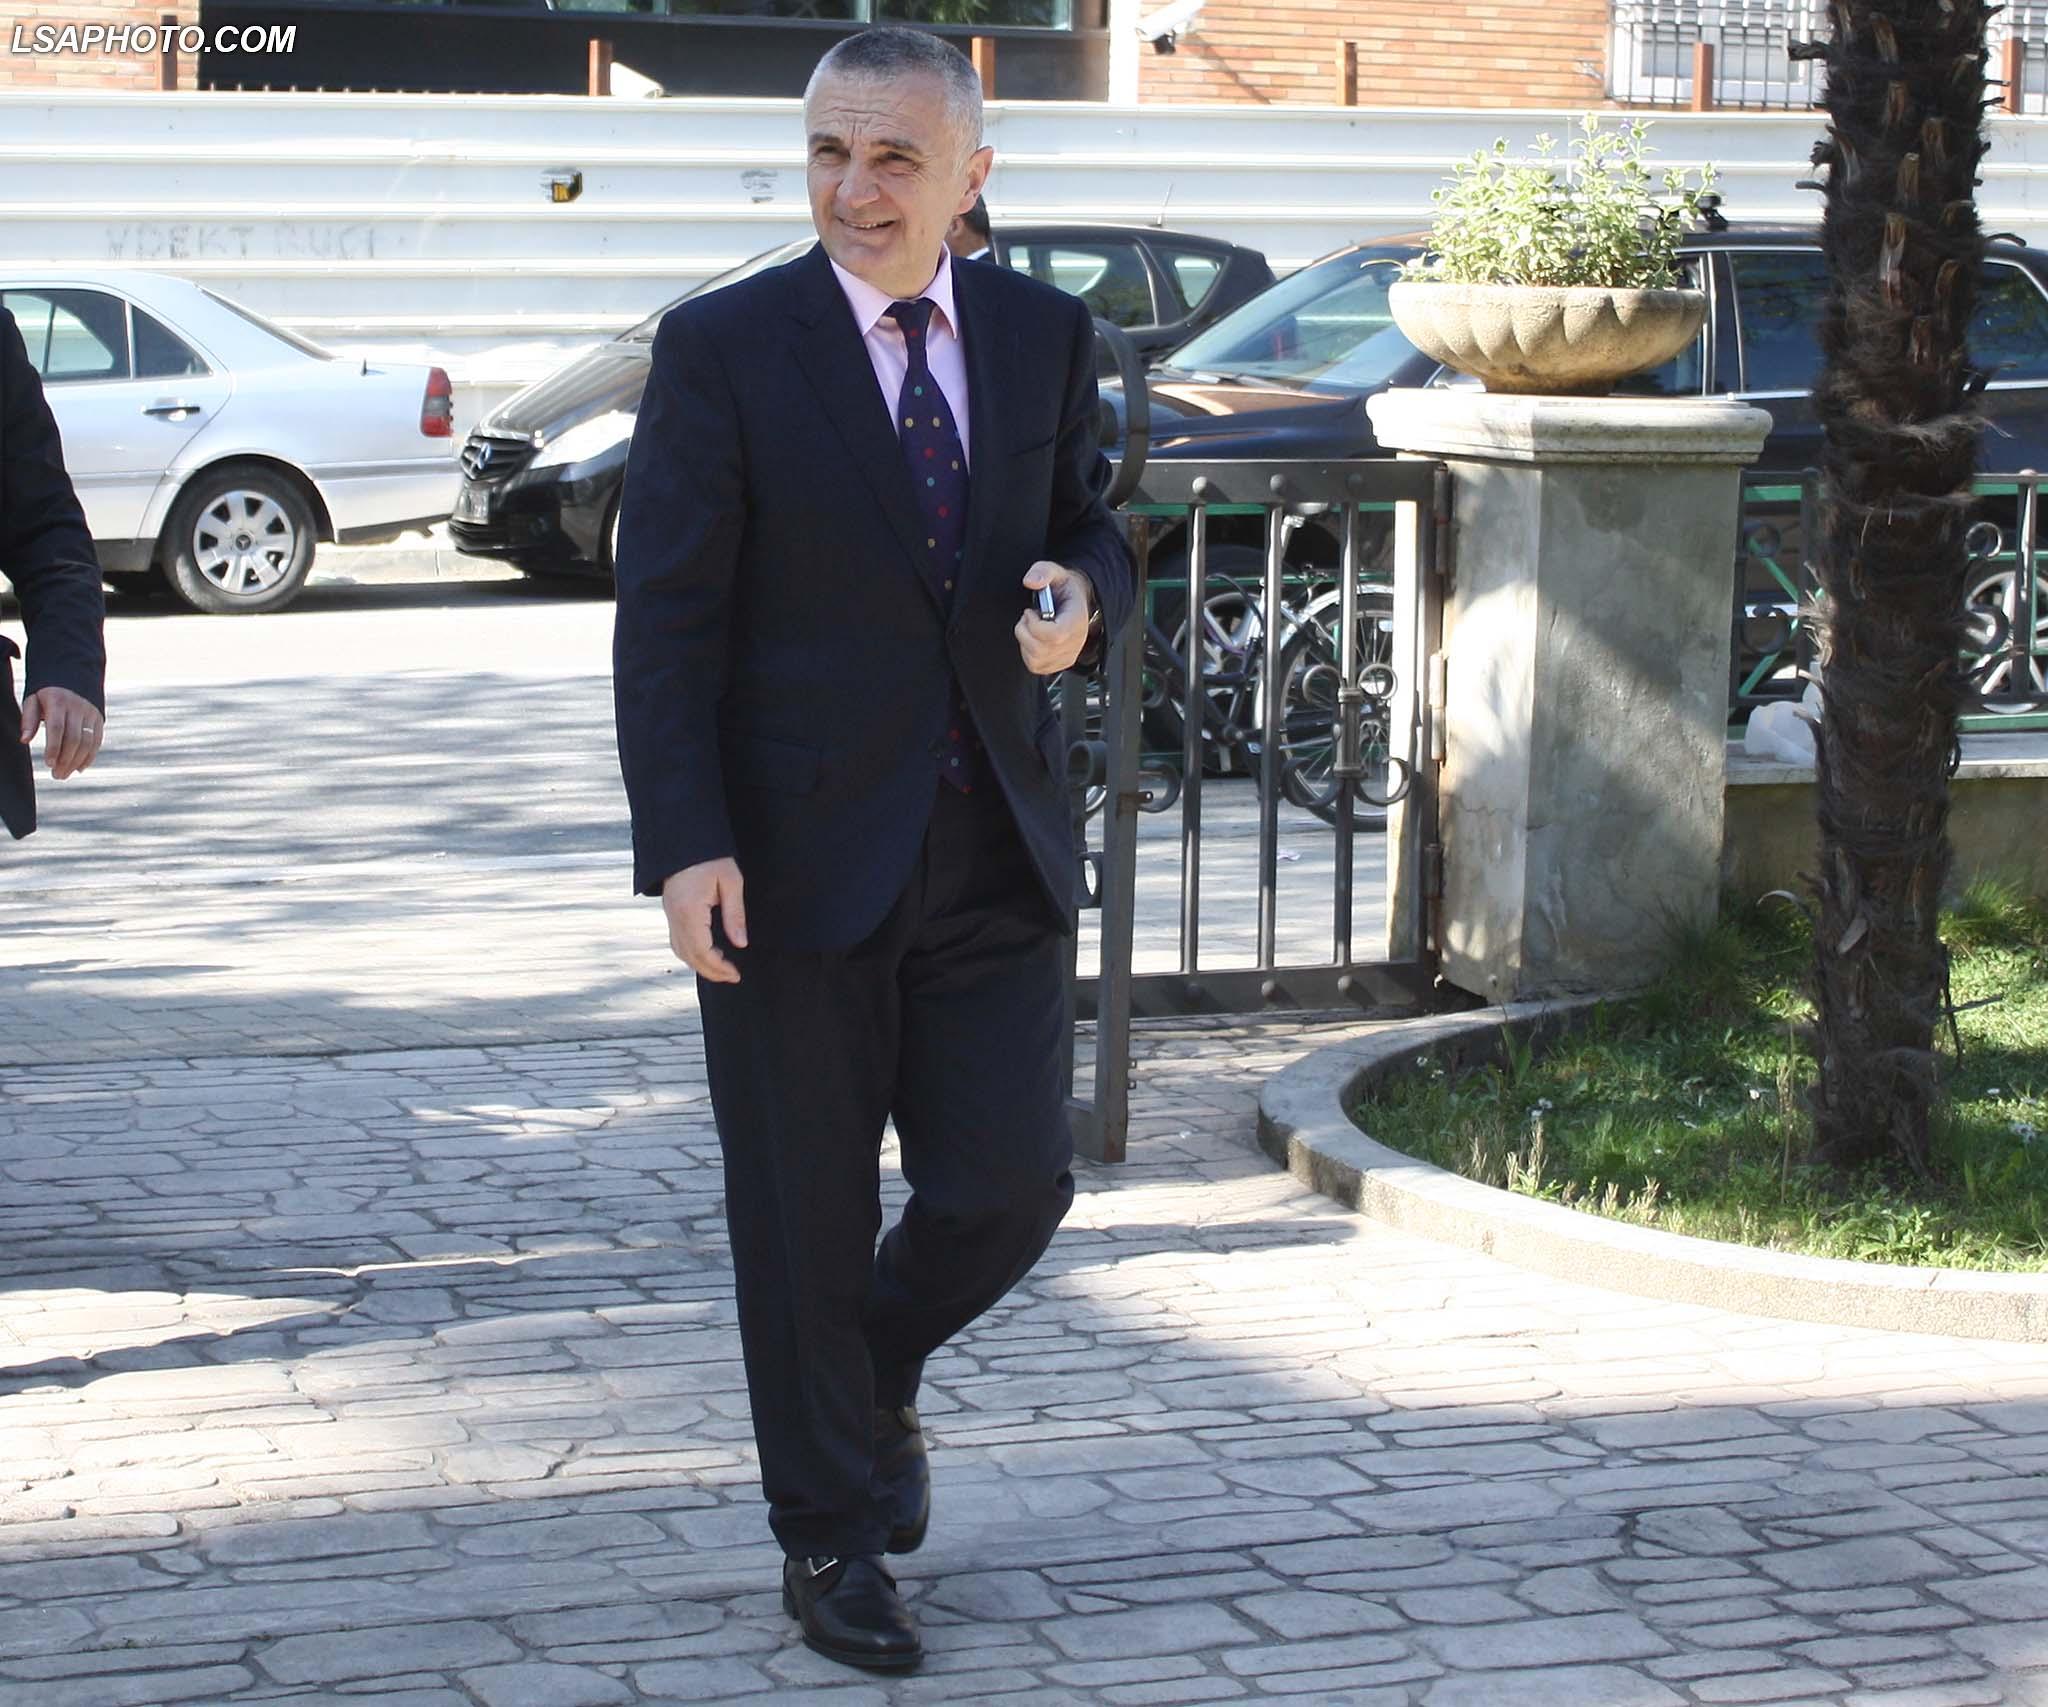 Kryetari i Kuvendit, Ilir Meta, duke hyre ne seline e Partise Socialiste, ne nje takim te organizuar nga kryeministri Edi Rama me aleatet e koalicionit te majte, ku kane diskutuar per kandidatet ne zgjedhjet lokale te 21 qershorit